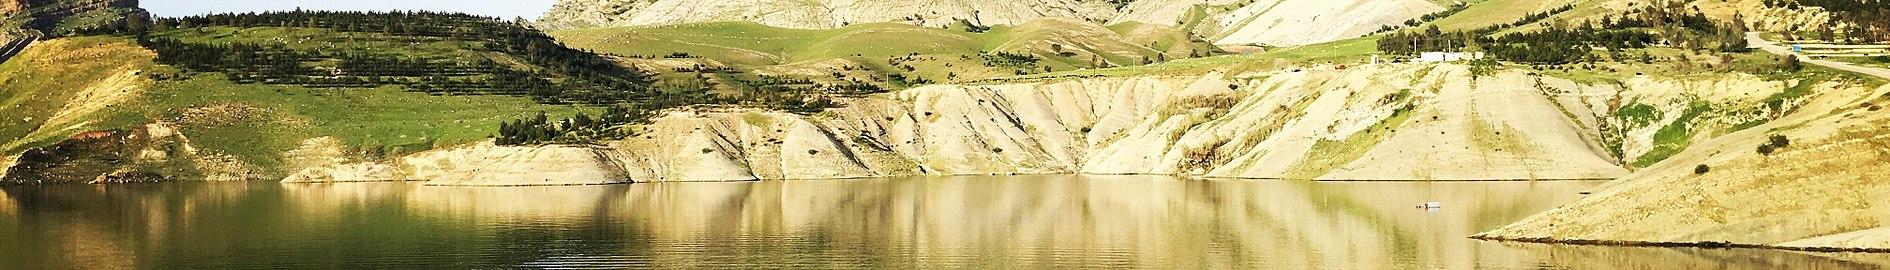 Kurdistan banner Lake Dukan.jpeg